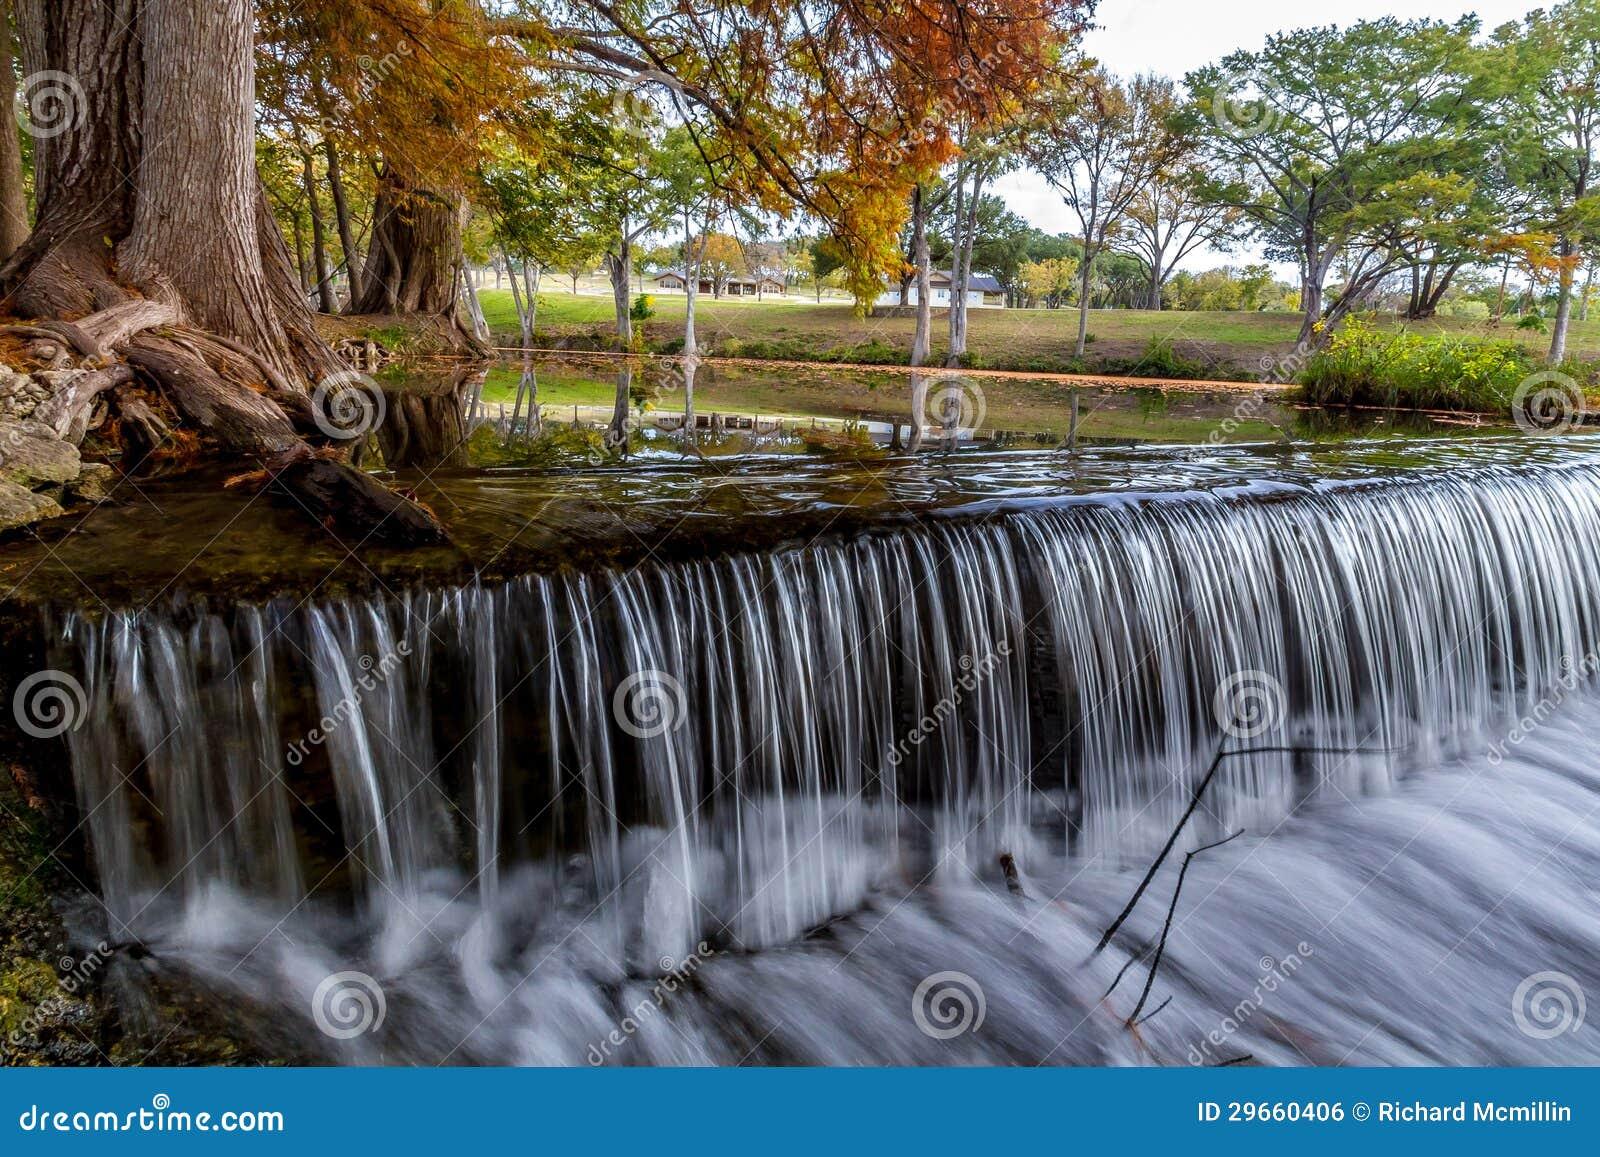 Cachoeira de fluxo sonhadora bonita da cortina perto das árvores de Chipre no país do monte de Texas.